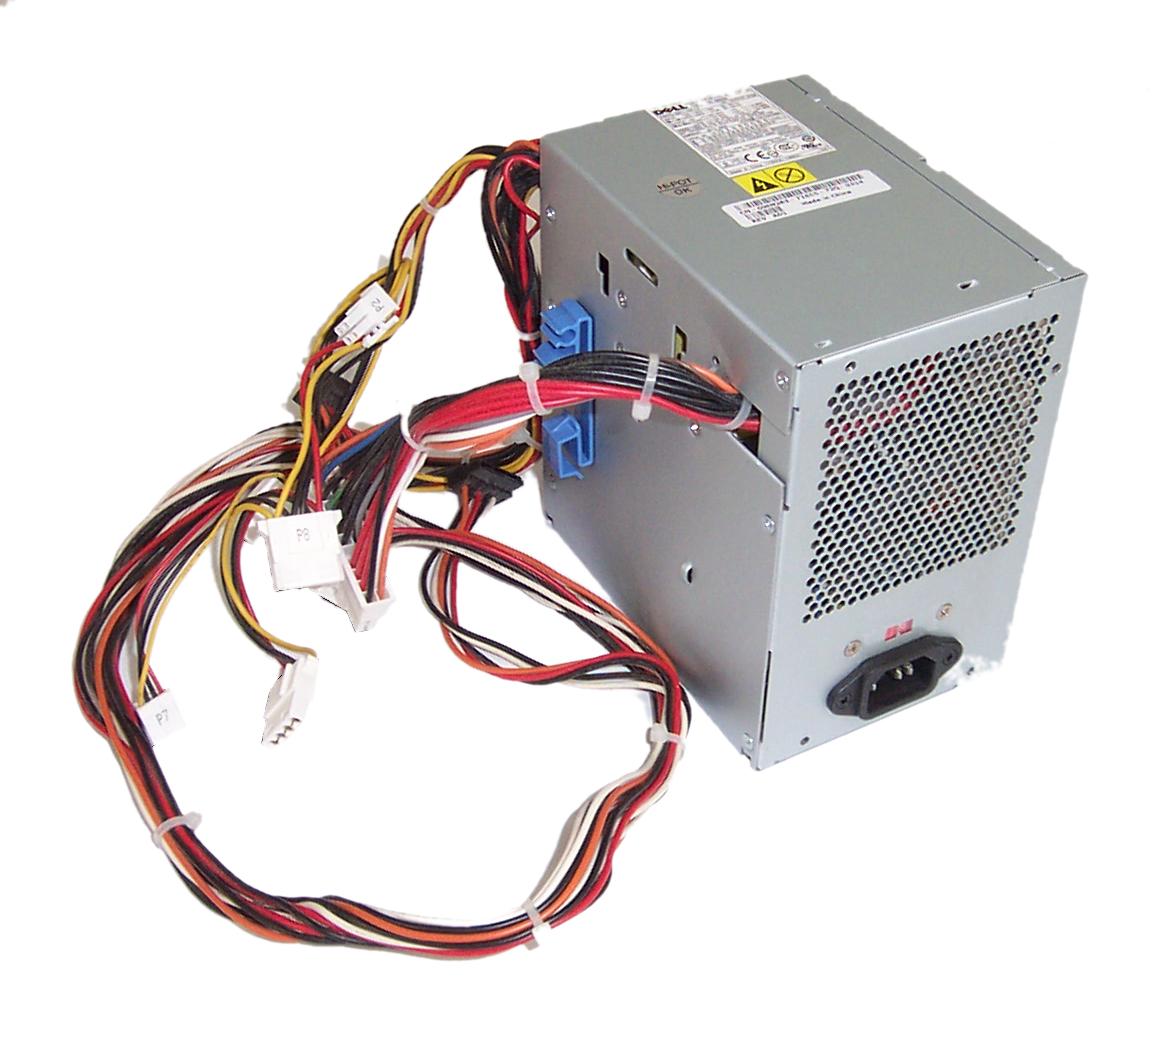 Dell WM283 Precision 390 375W Power Supply -  L375P-00 PS-6371-1DF-LF